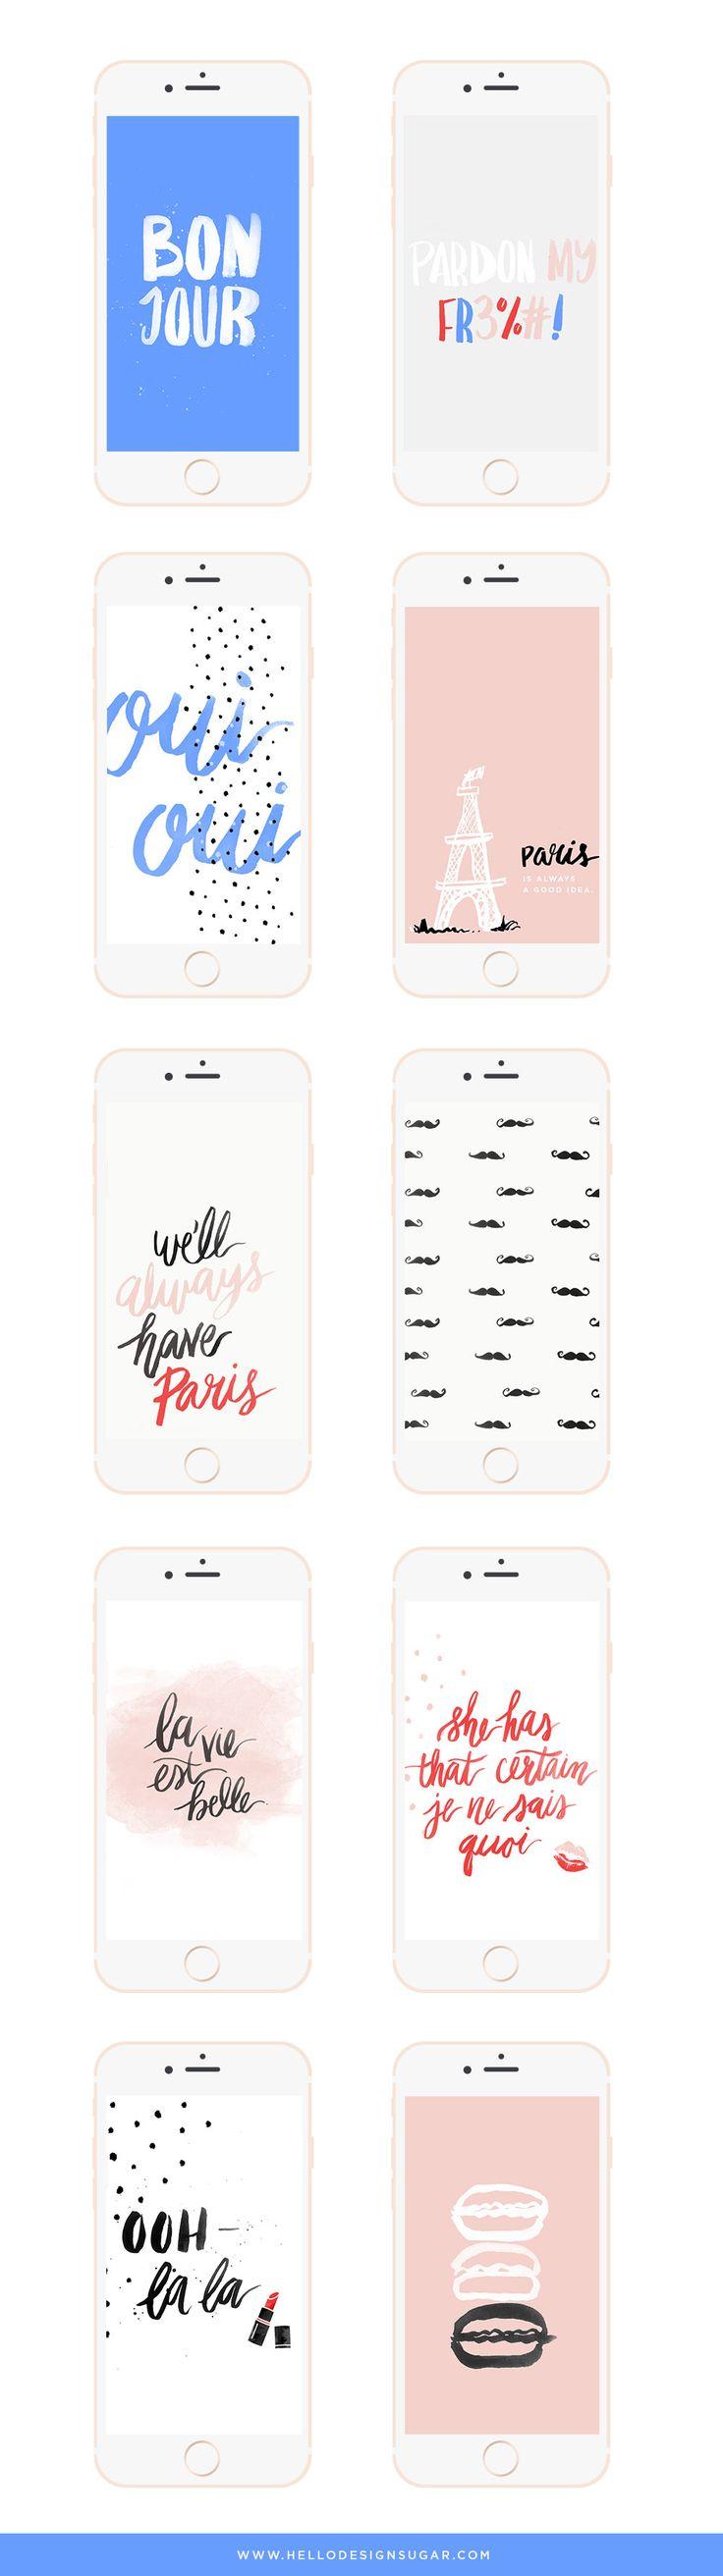 Pra baixar : Planos de fundo para celular